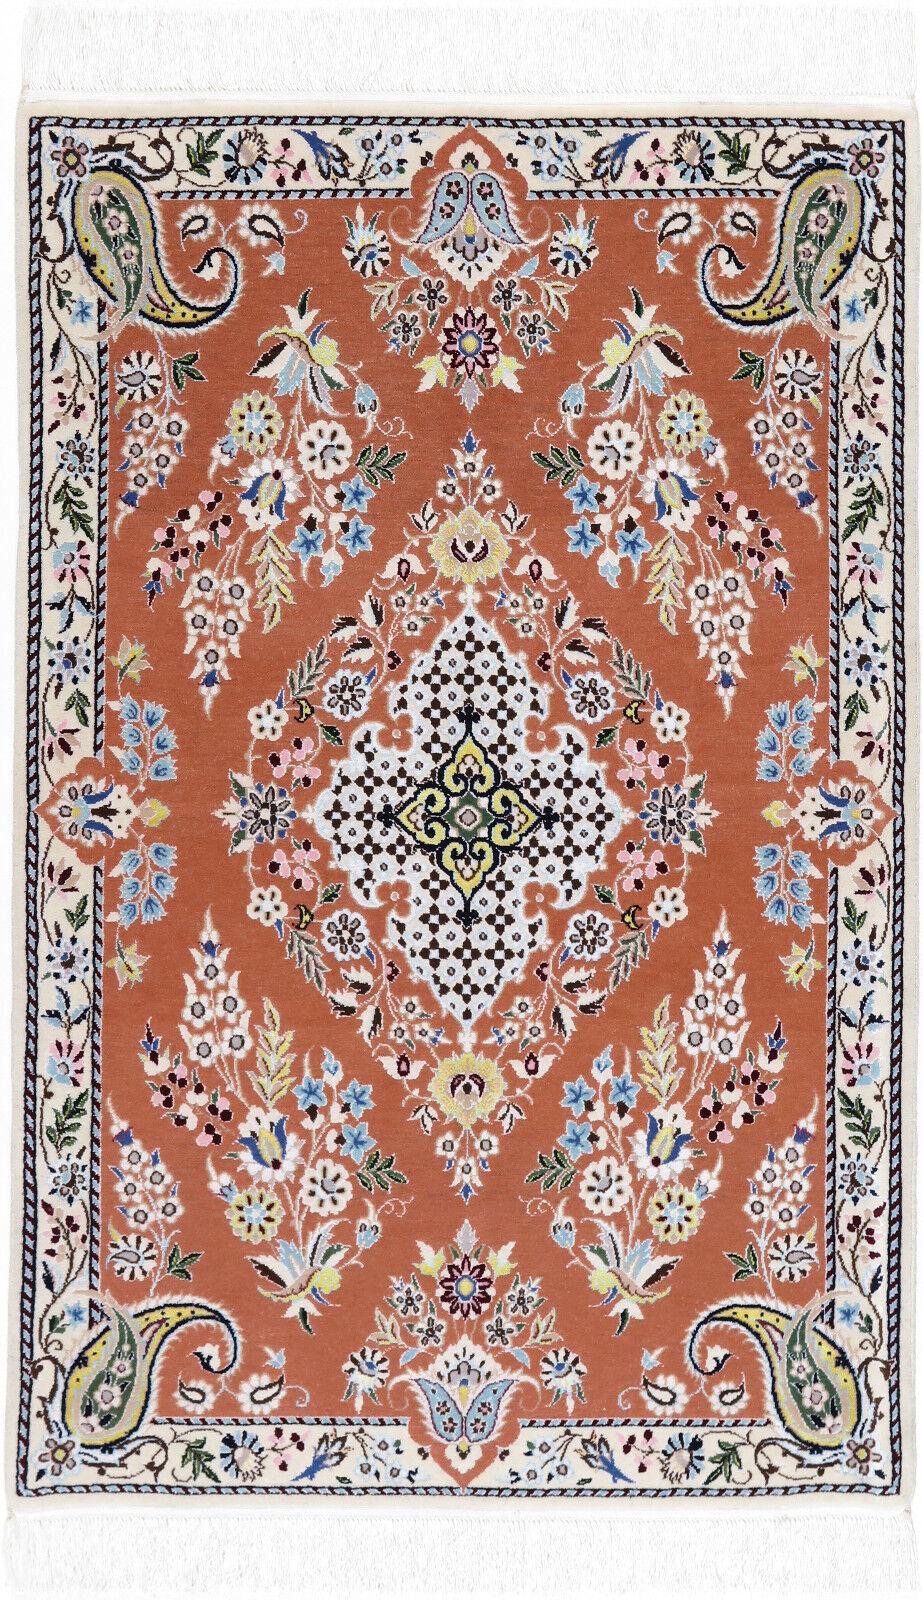 Nain Teppich Orientteppich Orientteppich Orientteppich Rug Carpet Tapis Tapijt Tappeto Alfombra Wool Seide 69e12f